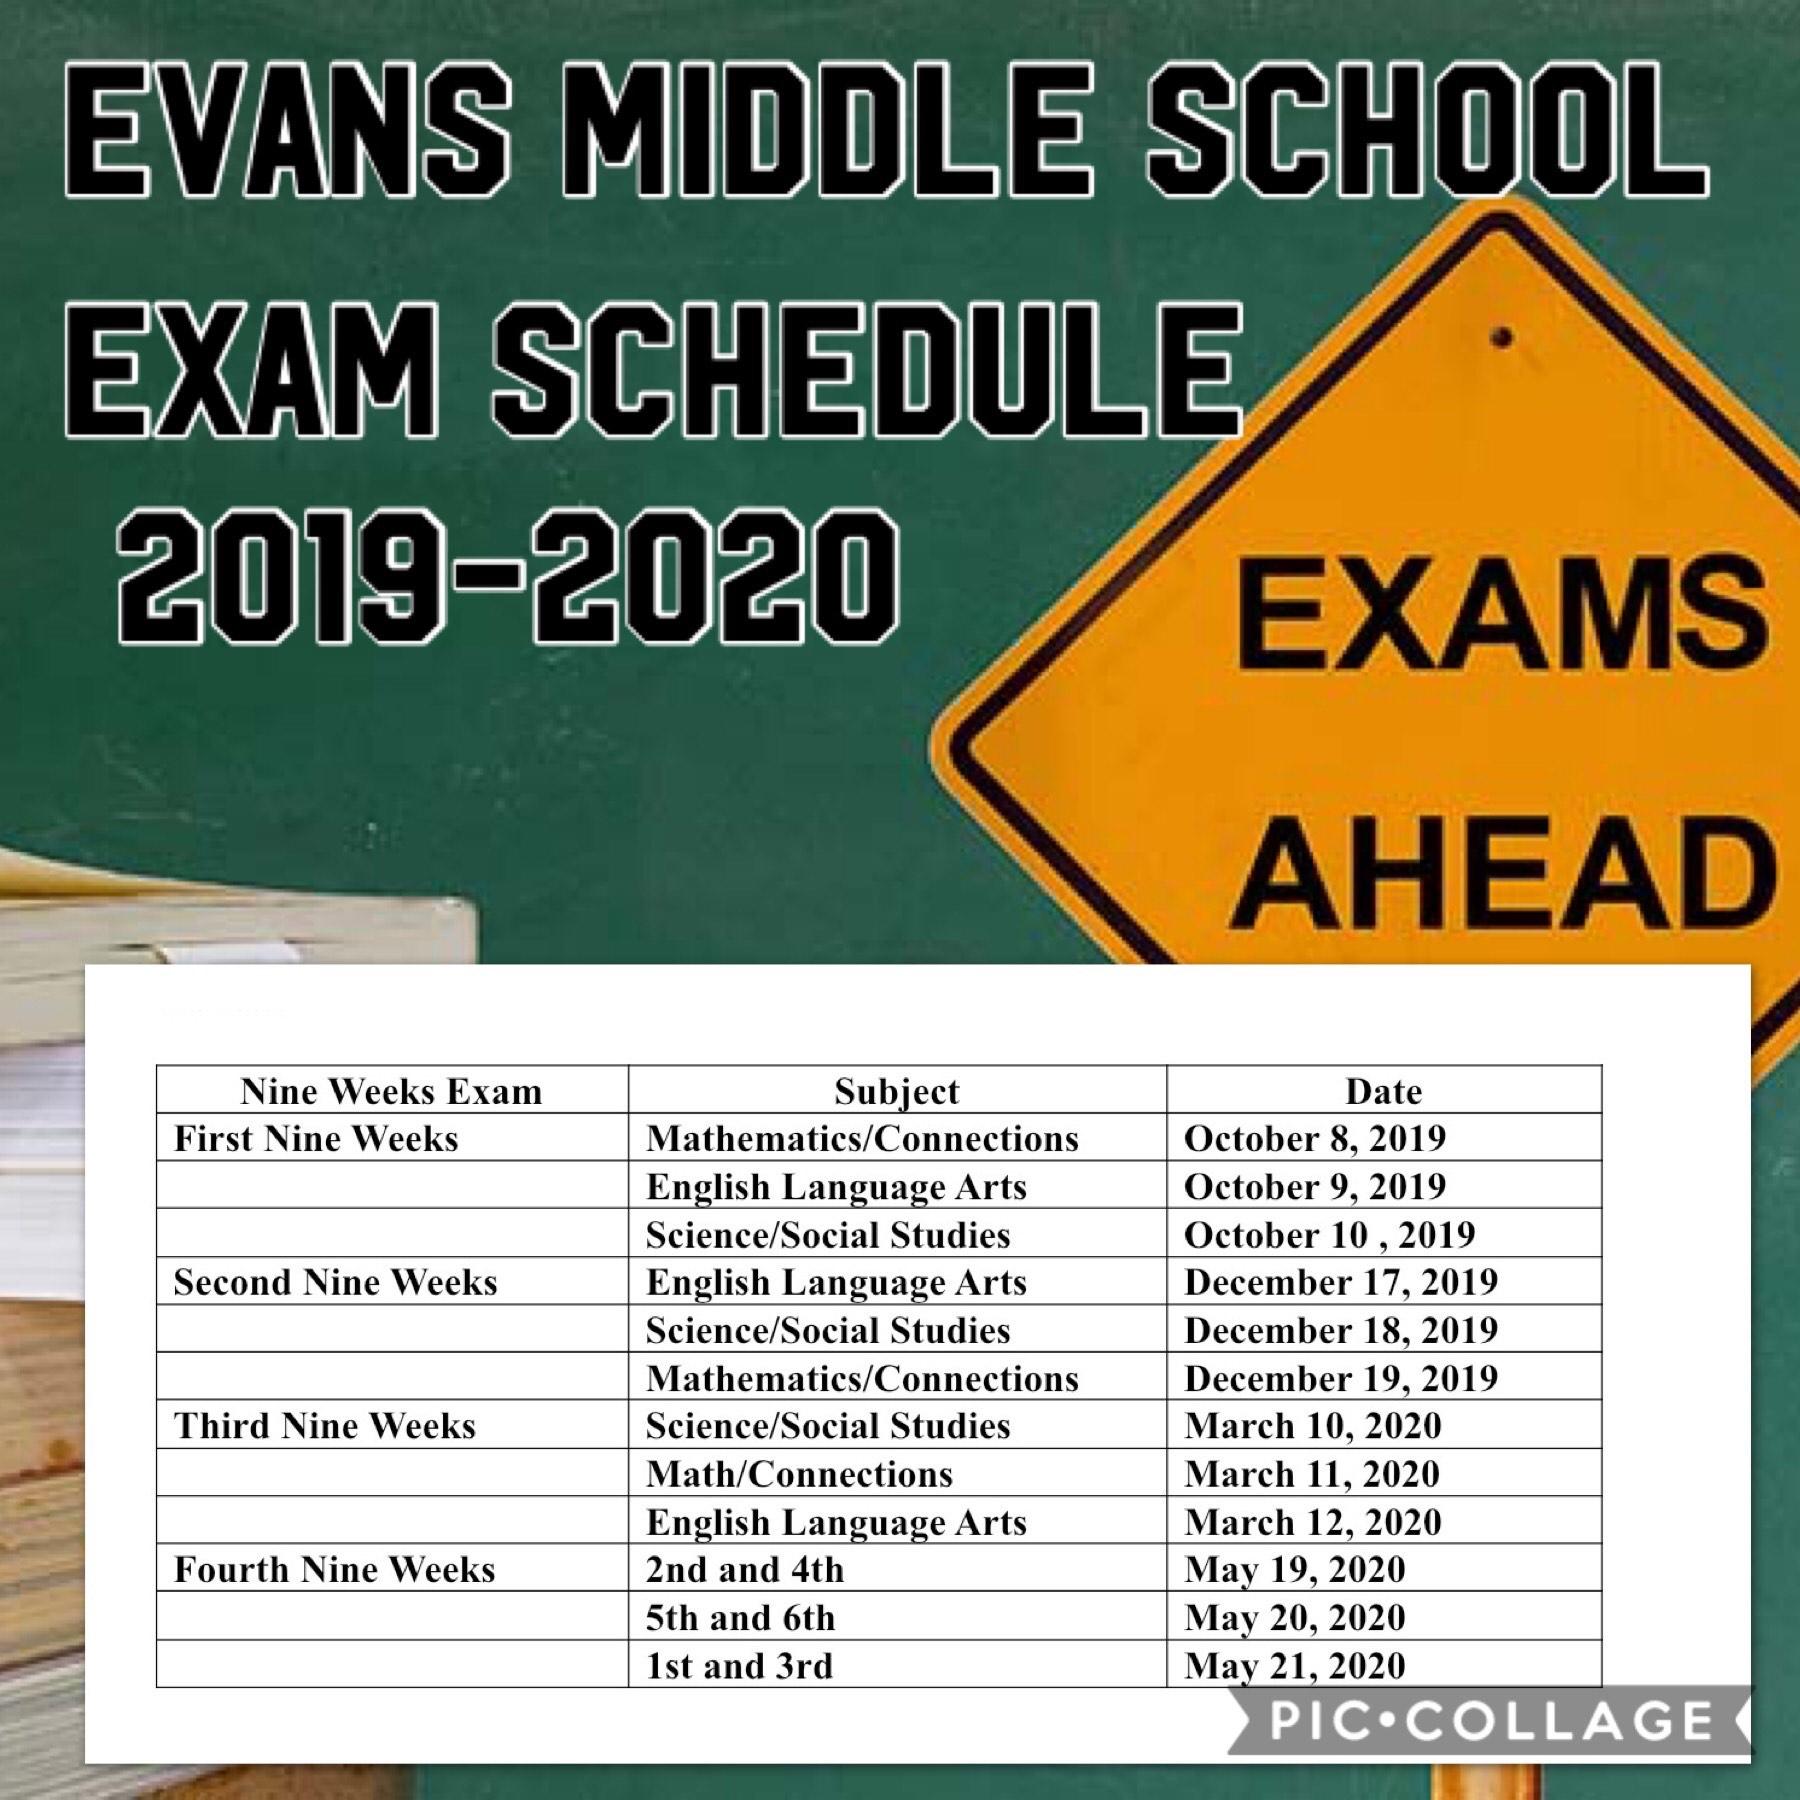 Exam Schedule 2019-2020